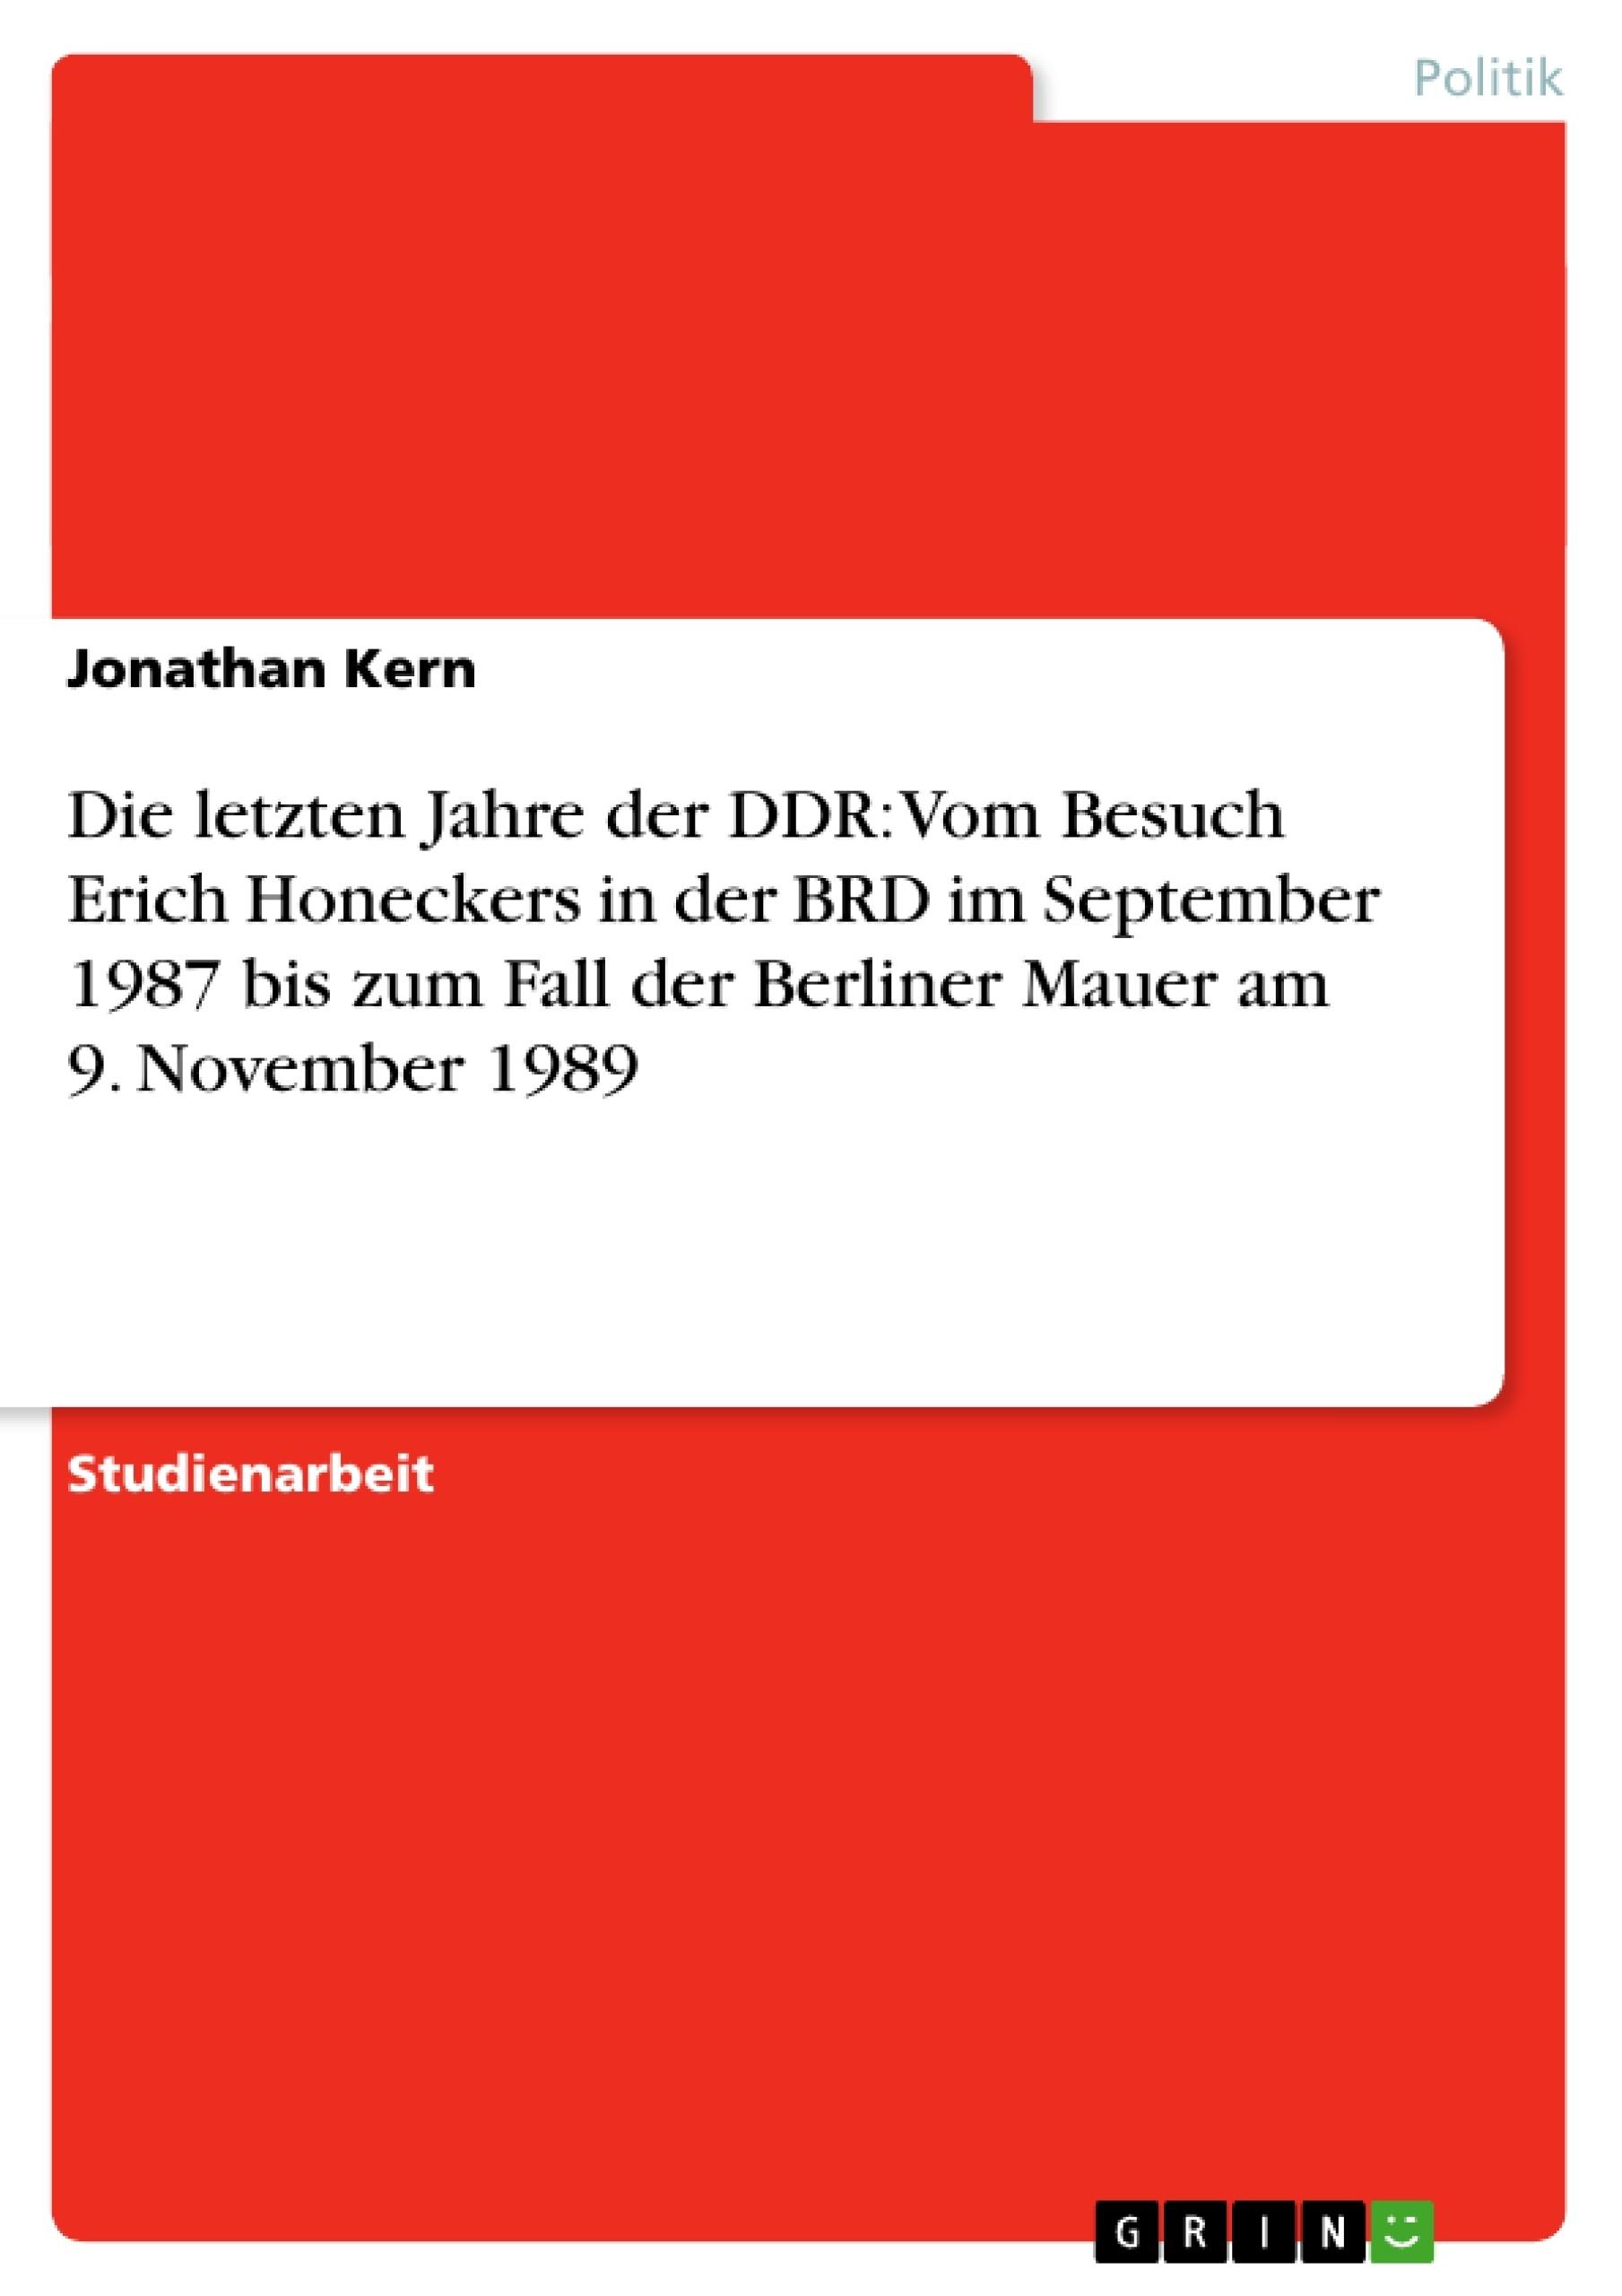 Titel: Die letzten Jahre der DDR: Vom Besuch Erich Honeckers in der BRD im September 1987 bis zum Fall der Berliner Mauer am 9. November 1989